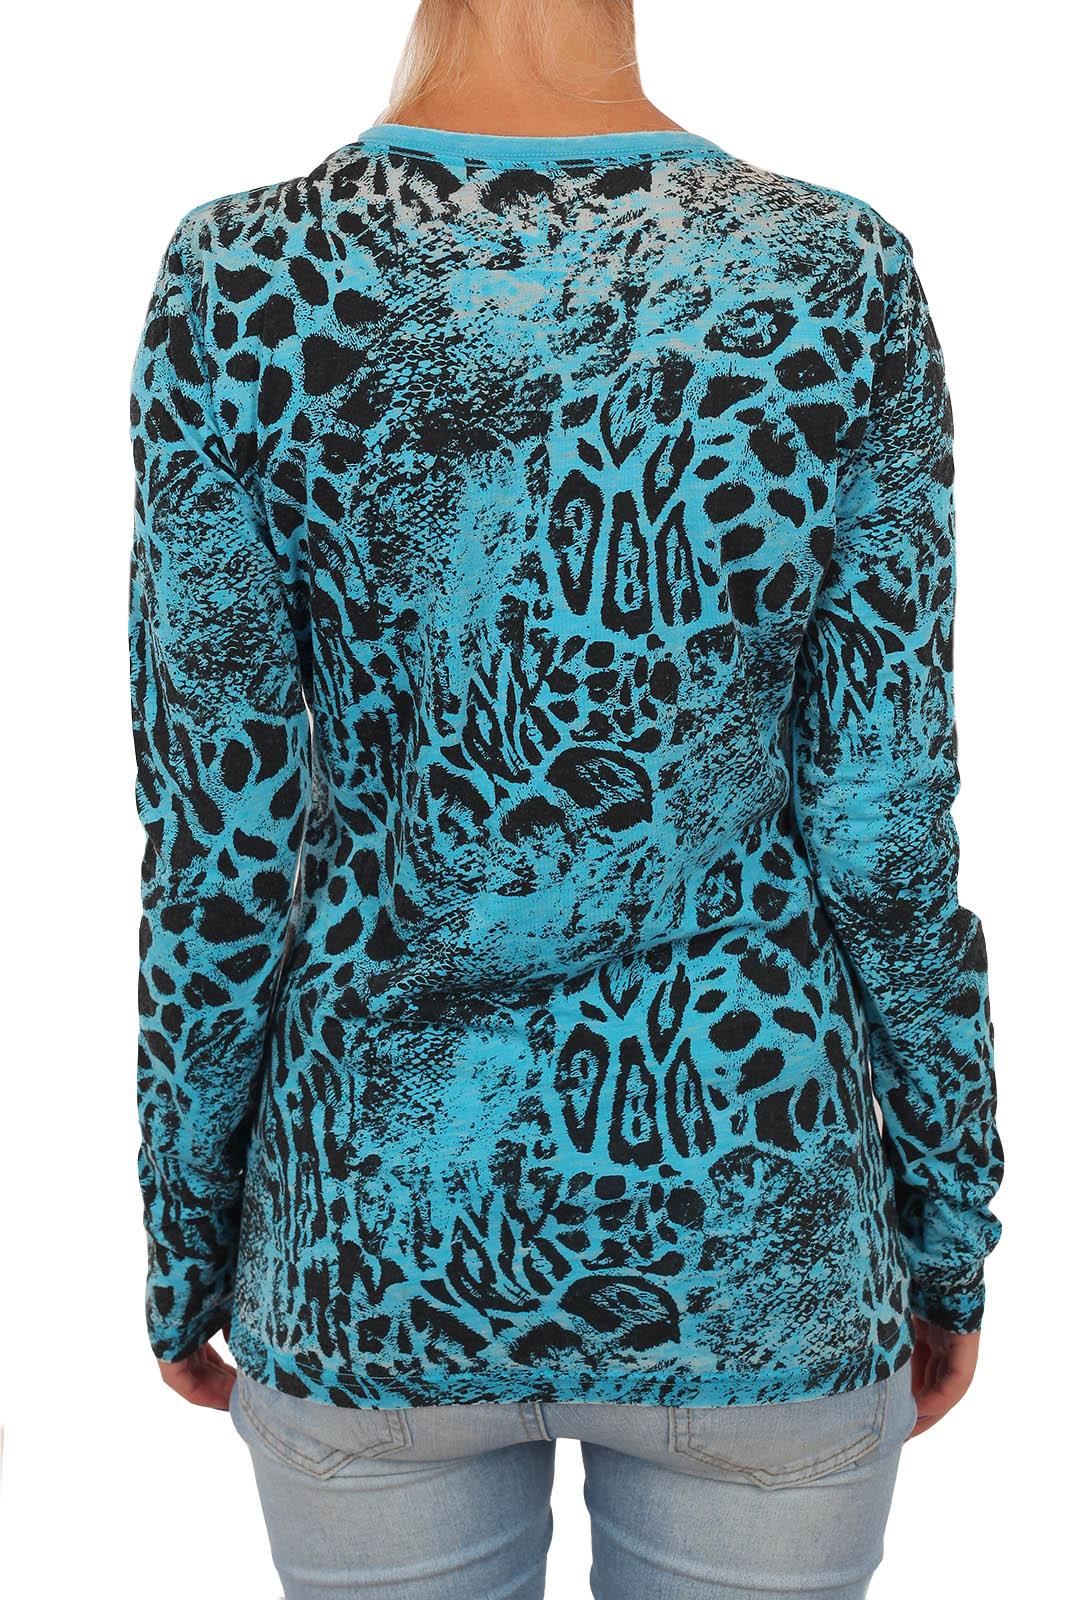 Женский пуловер с анималистическим принтом. Торговая марка Rock and Roll Cowgirl знает, чем впечатлить современную девушку